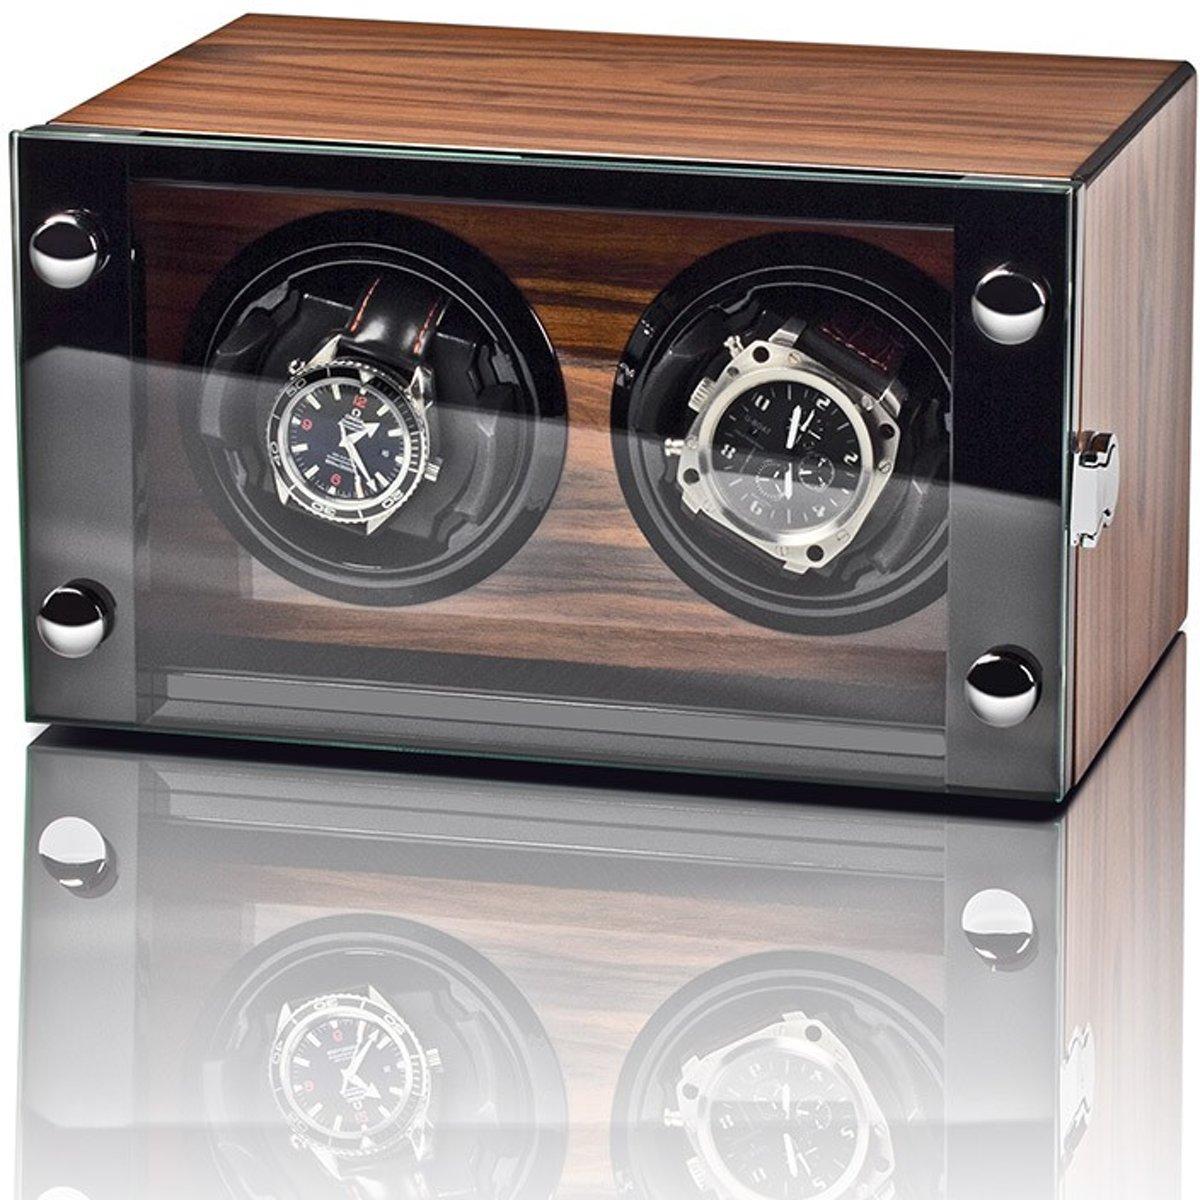 Rothenschild Horloge Winder [2] Chicago RS-2298-RSW kopen